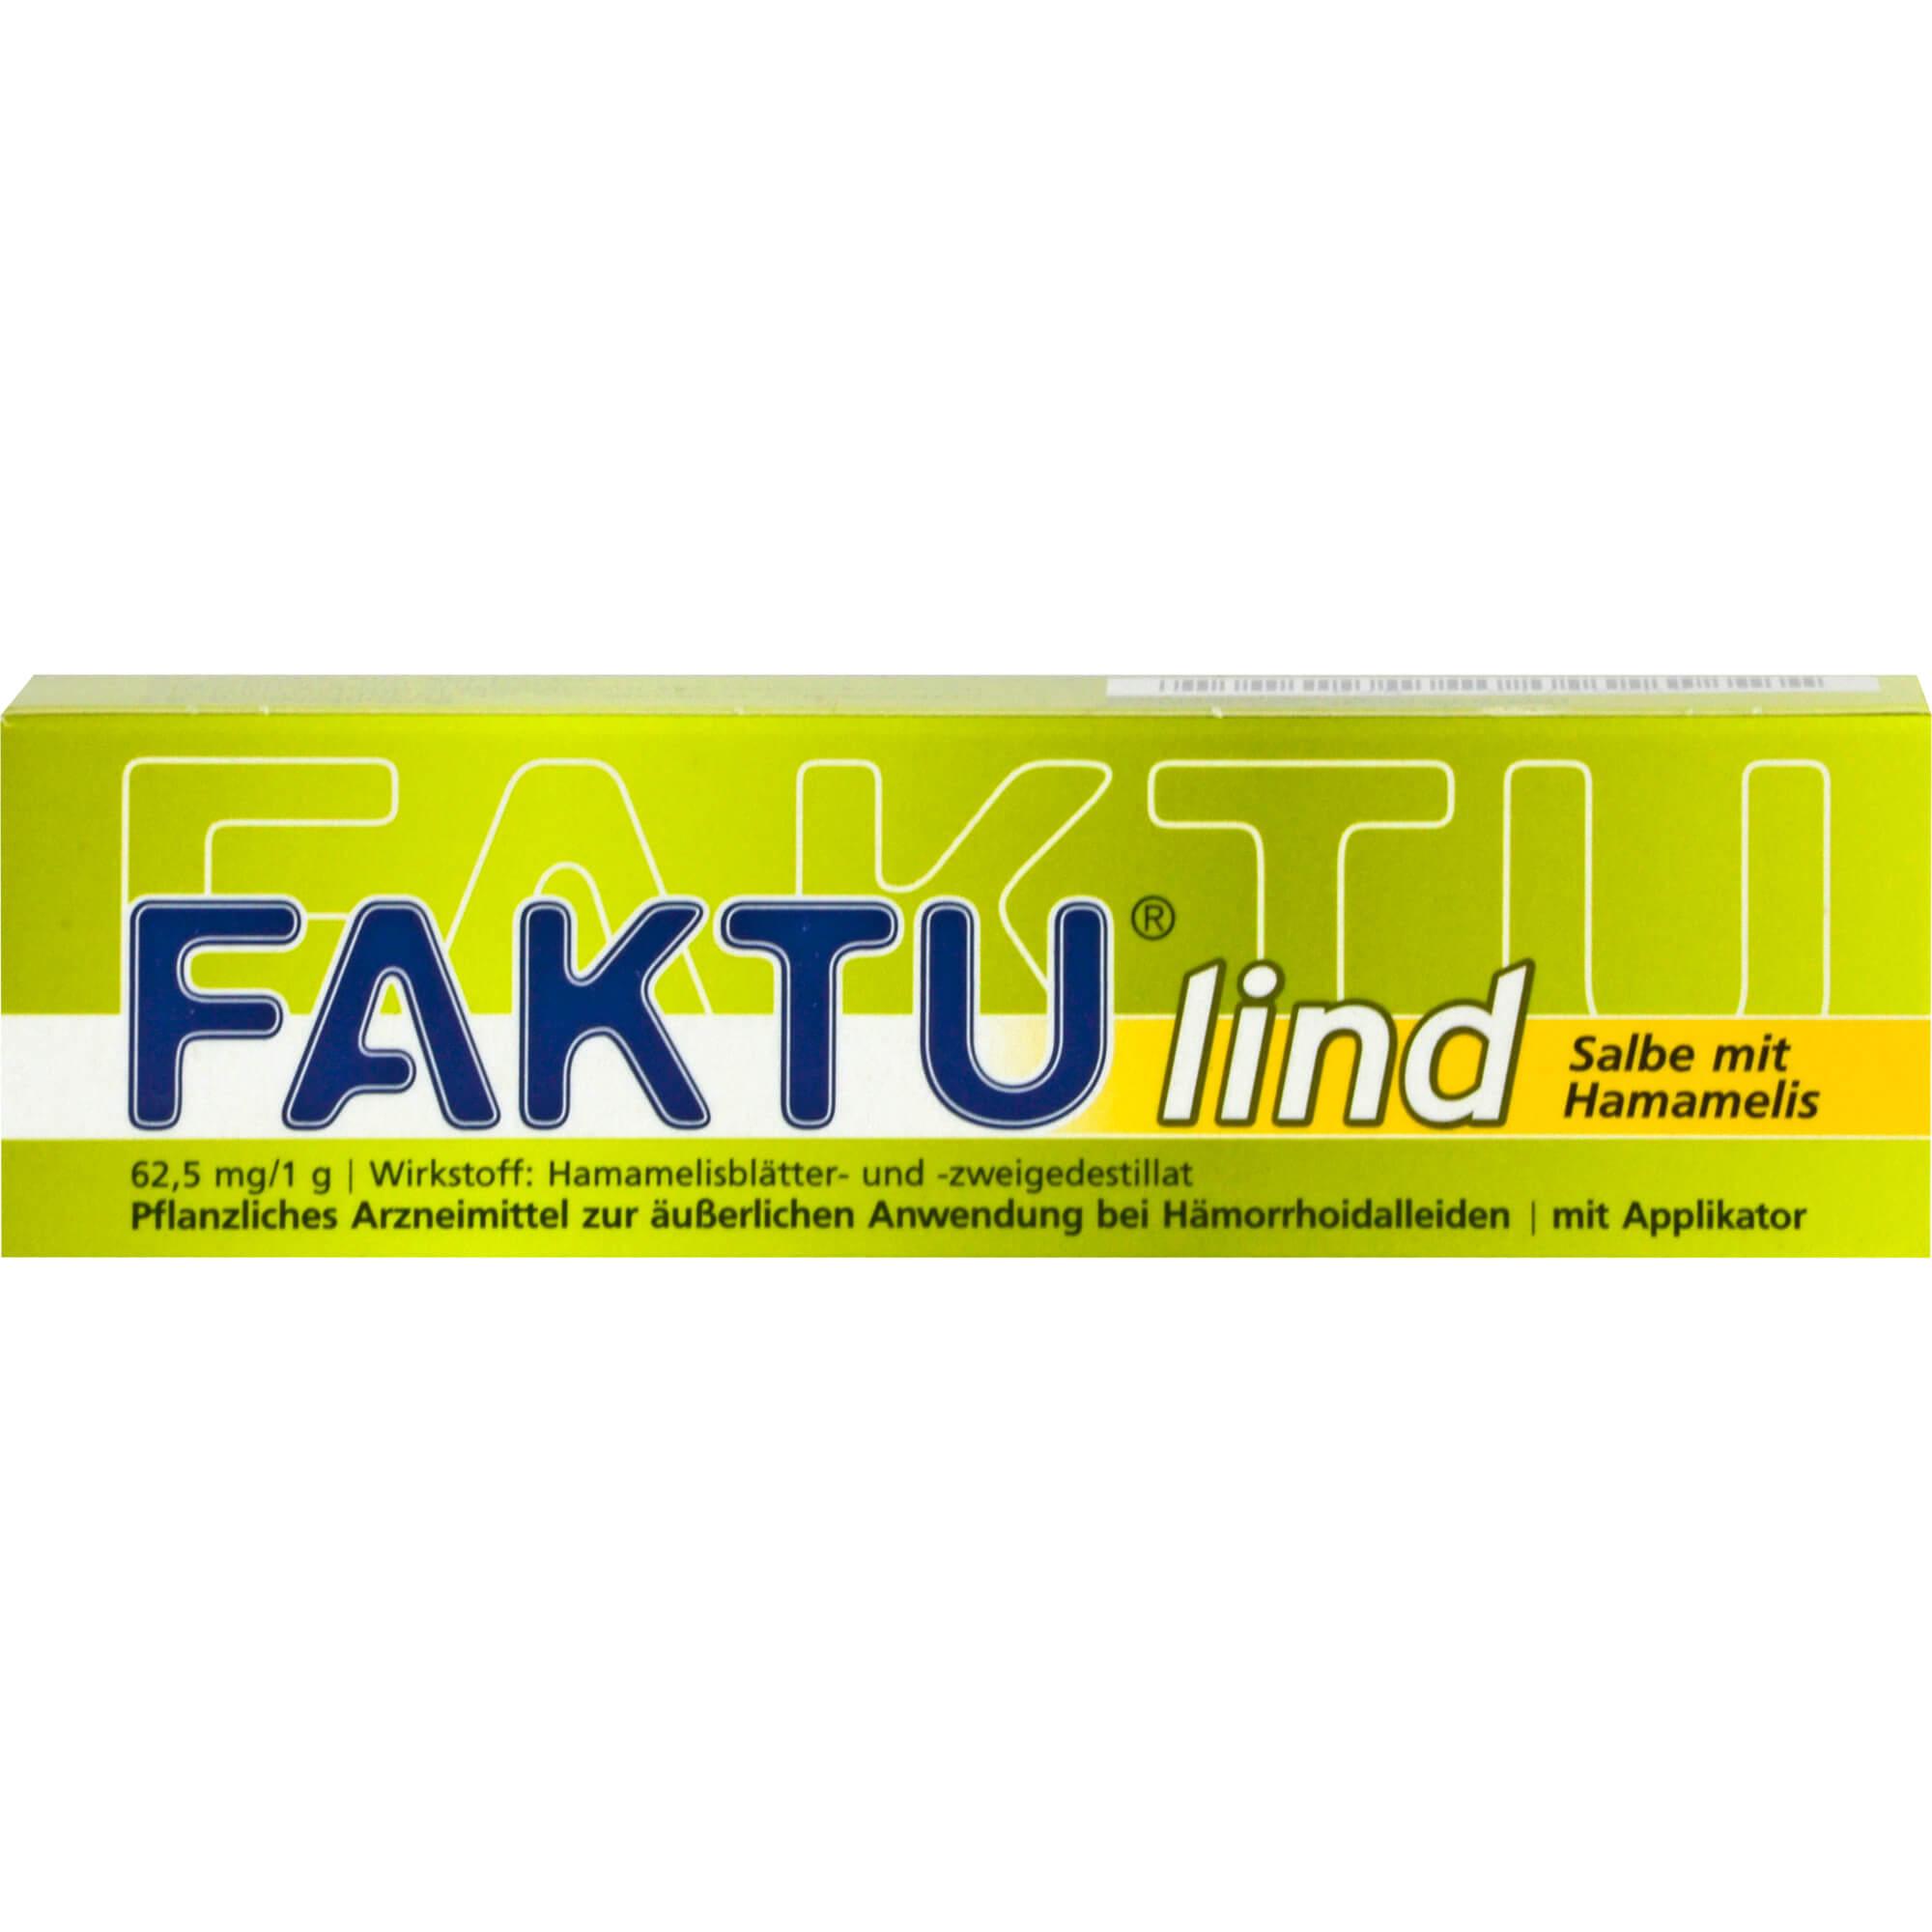 FAKTU-lind-Salbe-m-Hamamelis